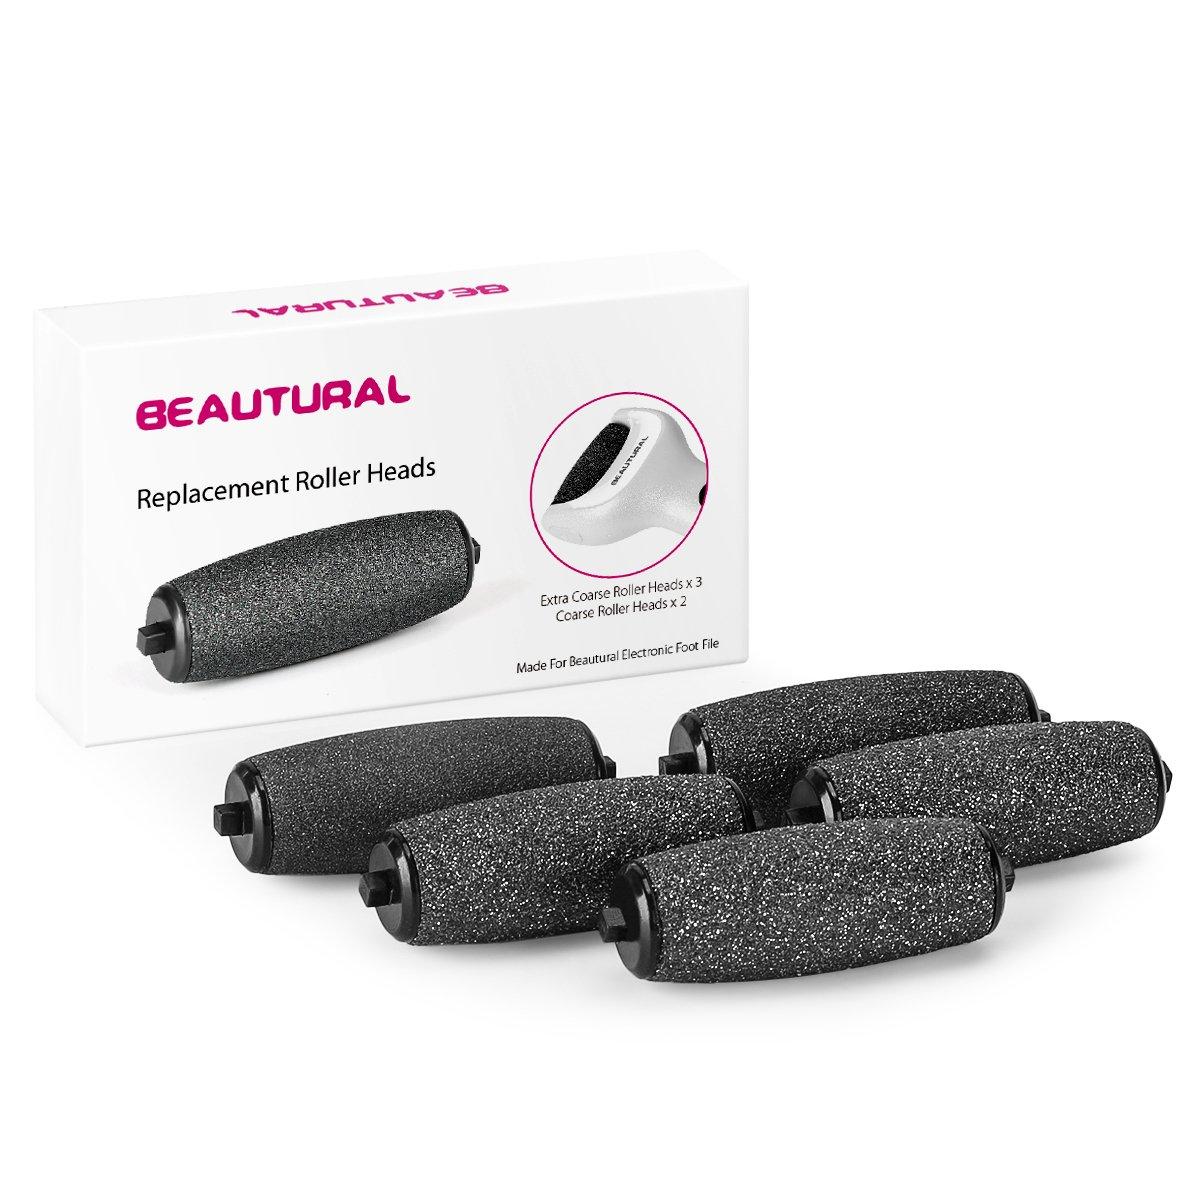 3 rodillos Beautural extra gruesos y 2 rodillos regulares de recambio para el Beautural quitacallos en pies secos y húmedos